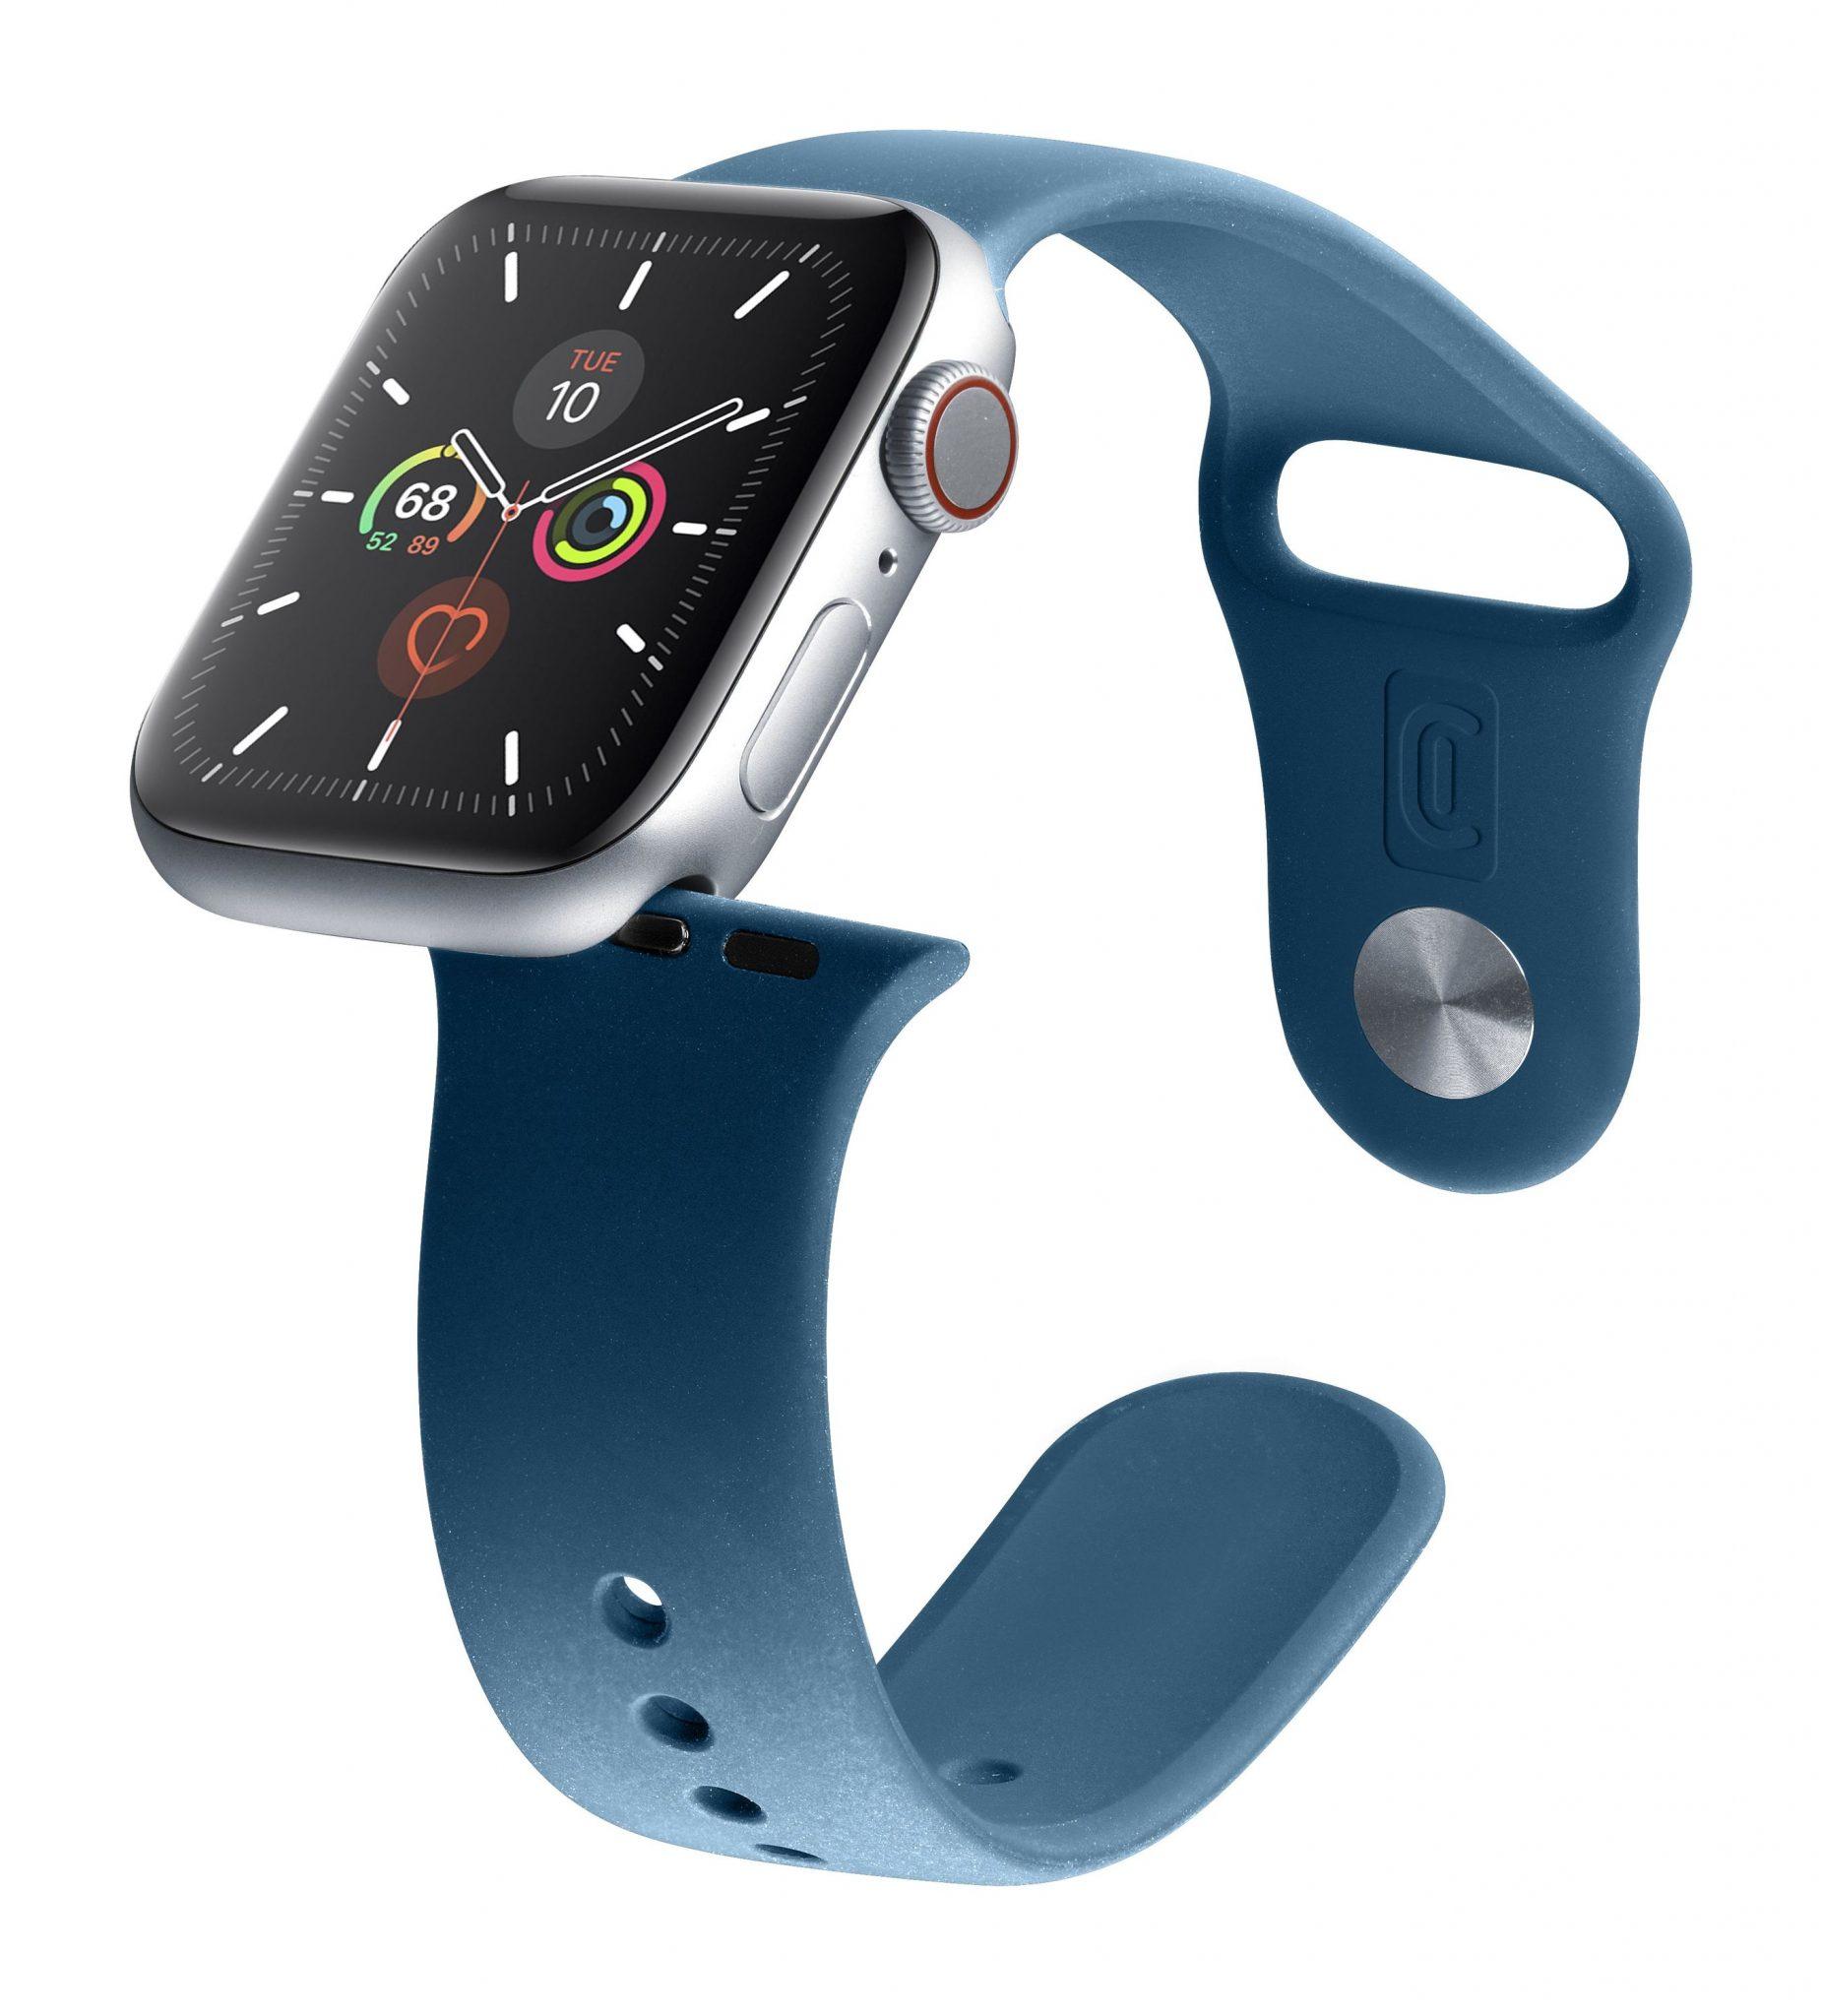 Cellularline lancia la collezione di accessori per il nuovo Apple Watch